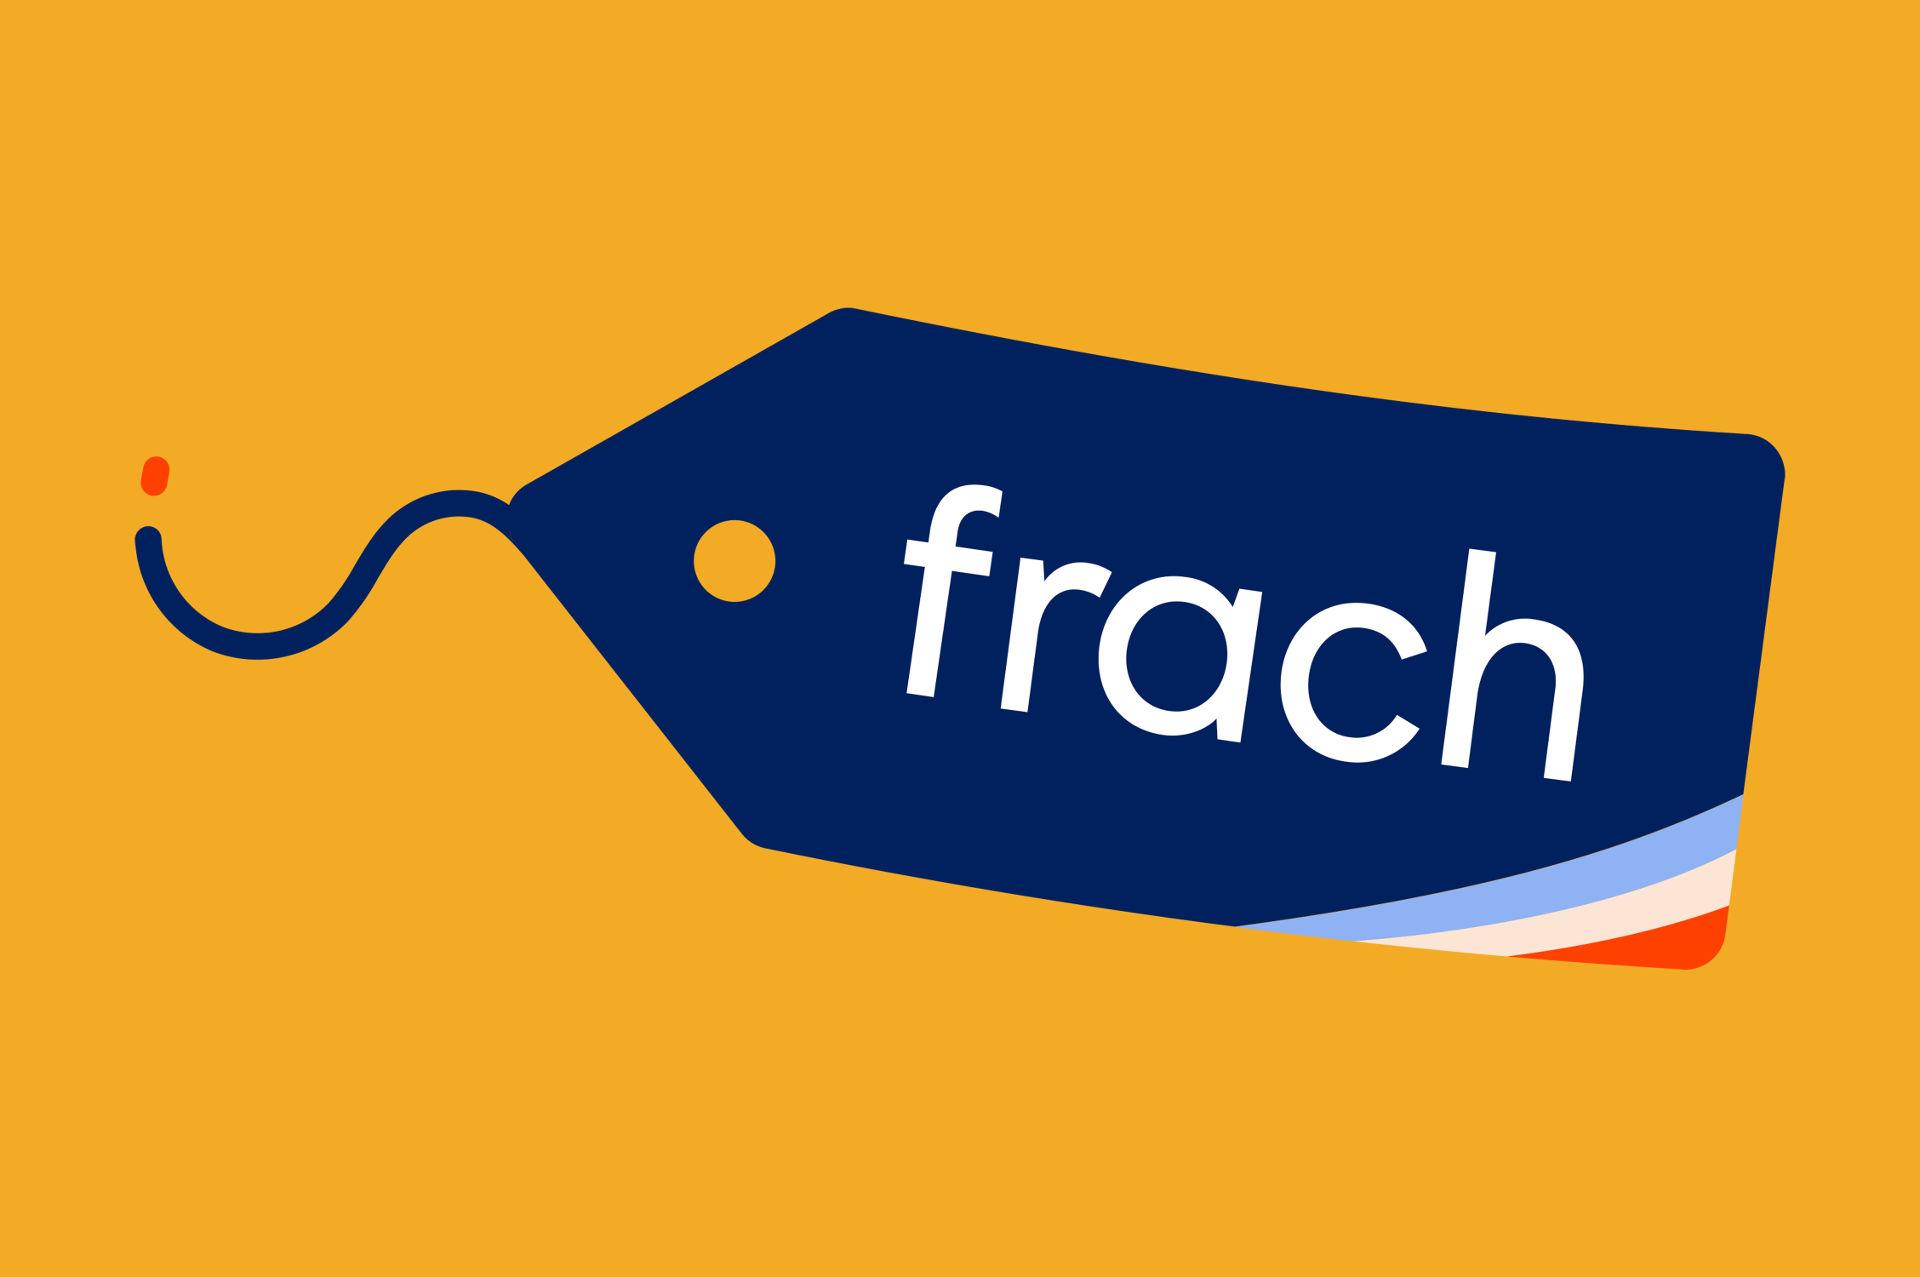 Frach